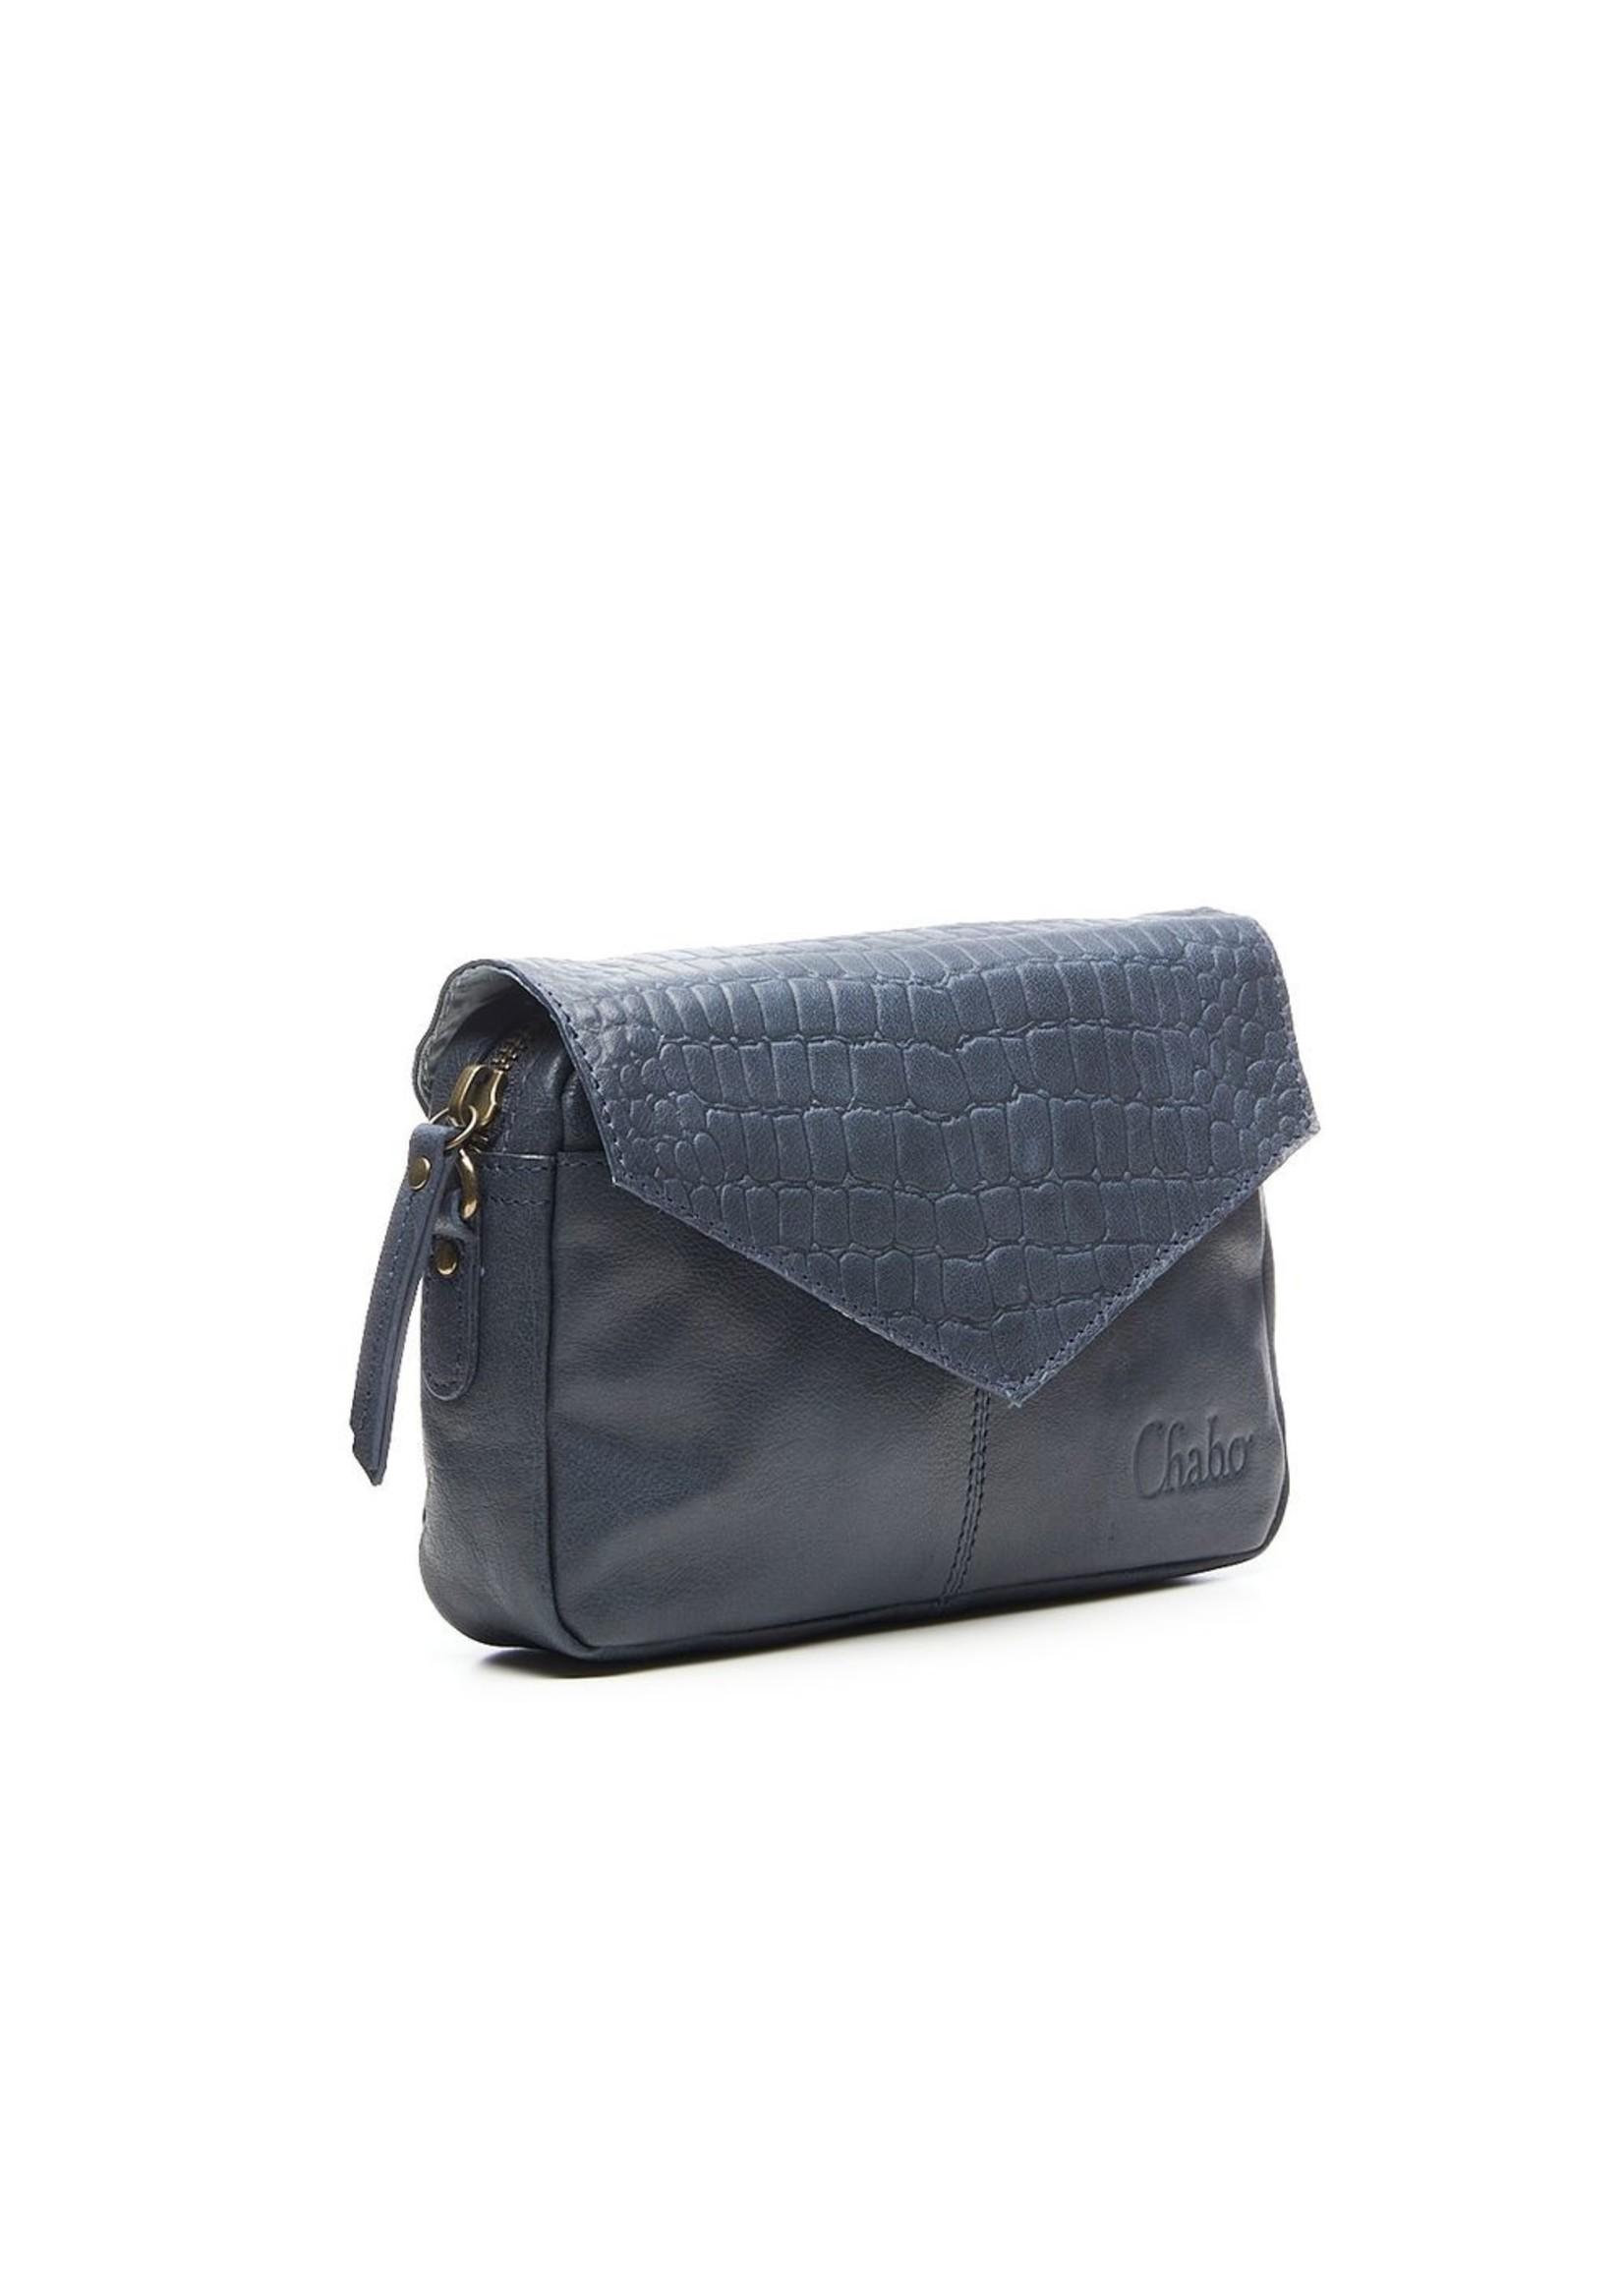 Chabo Bags Rio Romy Blue